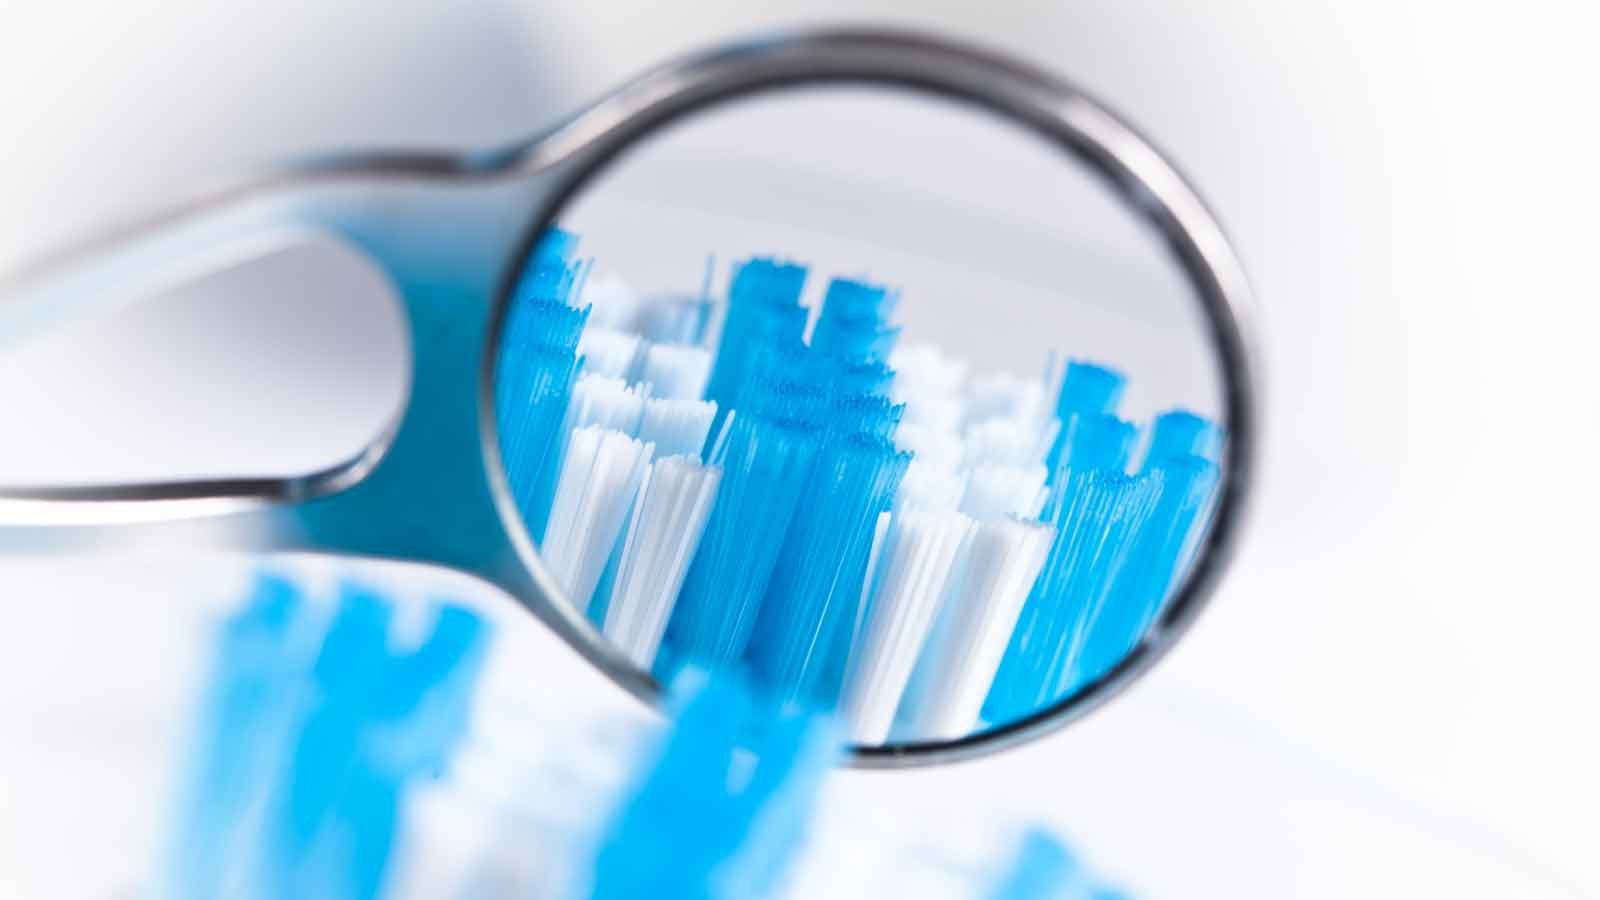 Pulizia-protesi-dentale-fissa